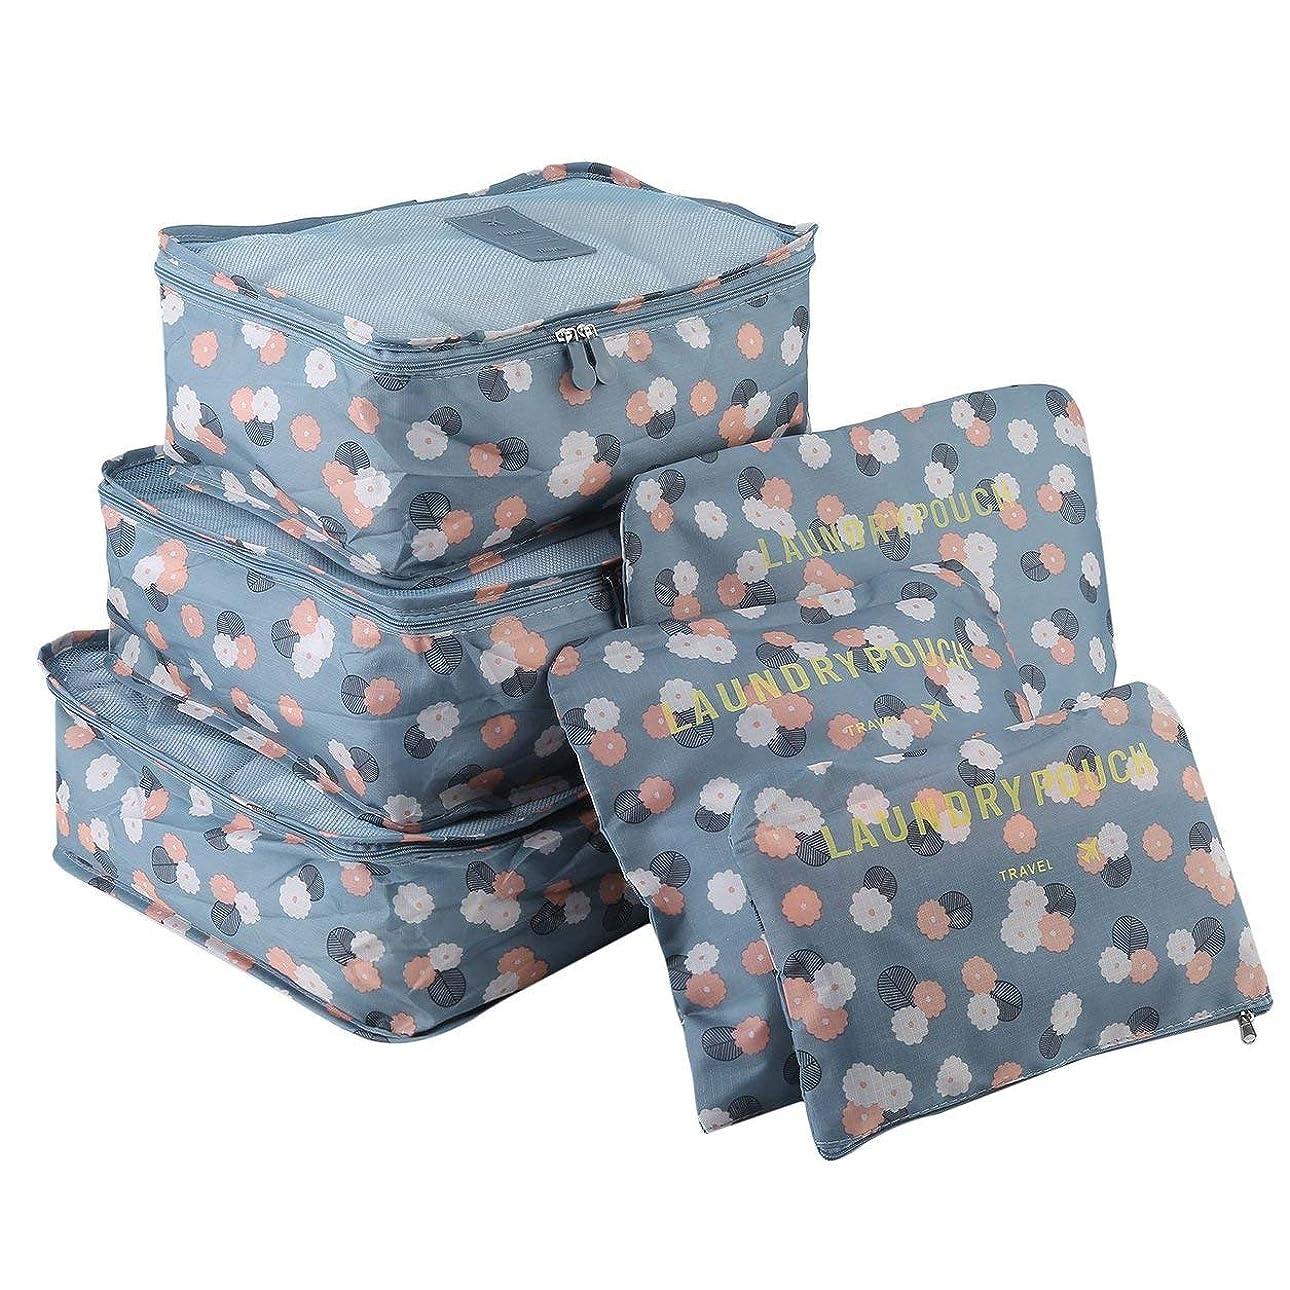 認識入口絶滅したSaikogoods 6PCSセットのトラベルバッグ家庭用ホーム荷物はトイレタリーストレージボックスパッキング服下着化粧品メイクアップシューズ 青